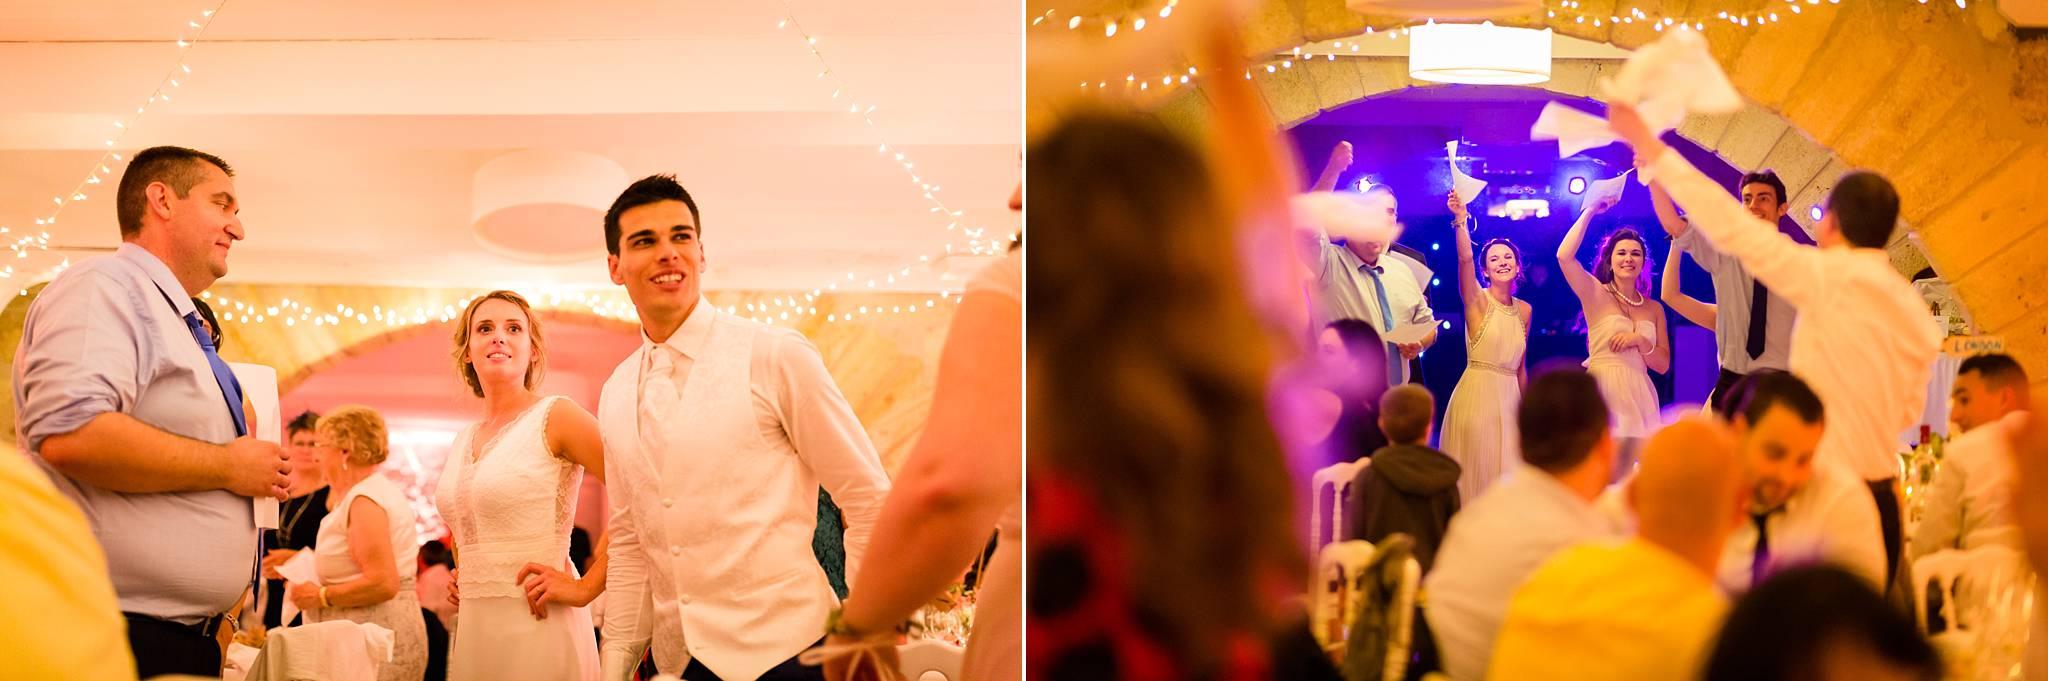 Les photos du mariage civil et religieux d'Aurore et Grégory à la Chartreuse des Eyres de Podensac et Pessac. Photographe mariage reportage Bordeaux et Gironde.